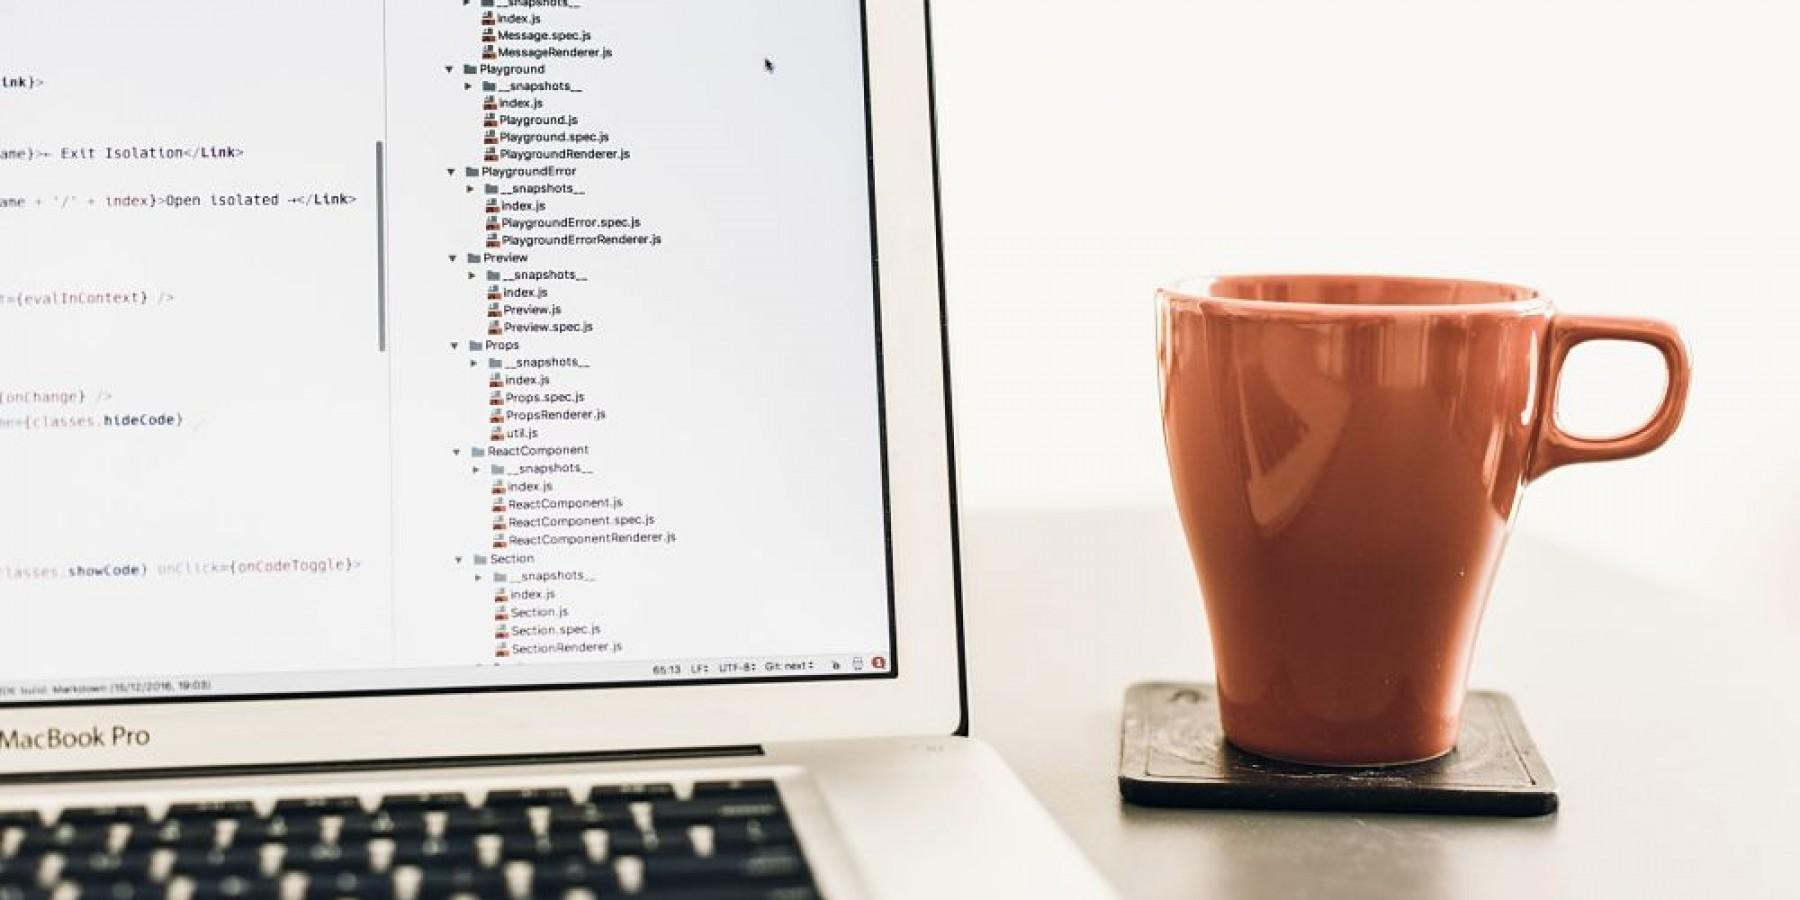 5 poderosas razones por las que MOZ Pro debe ser una de tus herramientas SEO